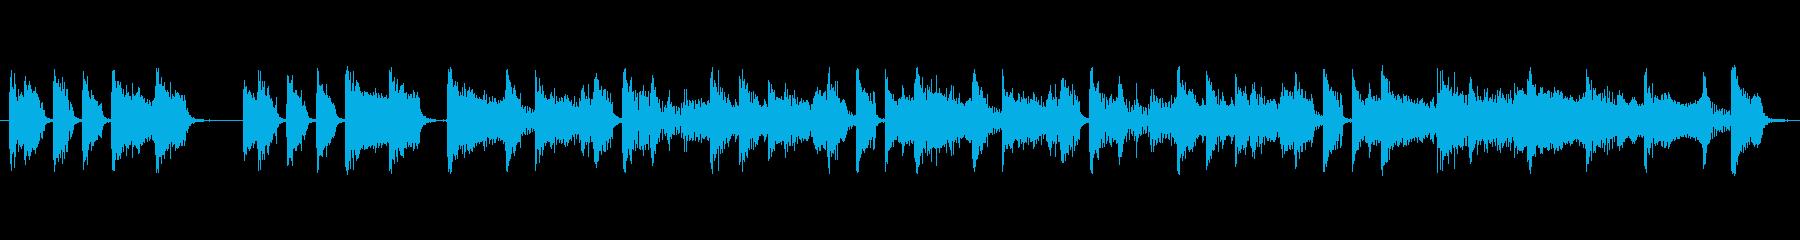 ニュース番組のオープニング風BGMのル…の再生済みの波形